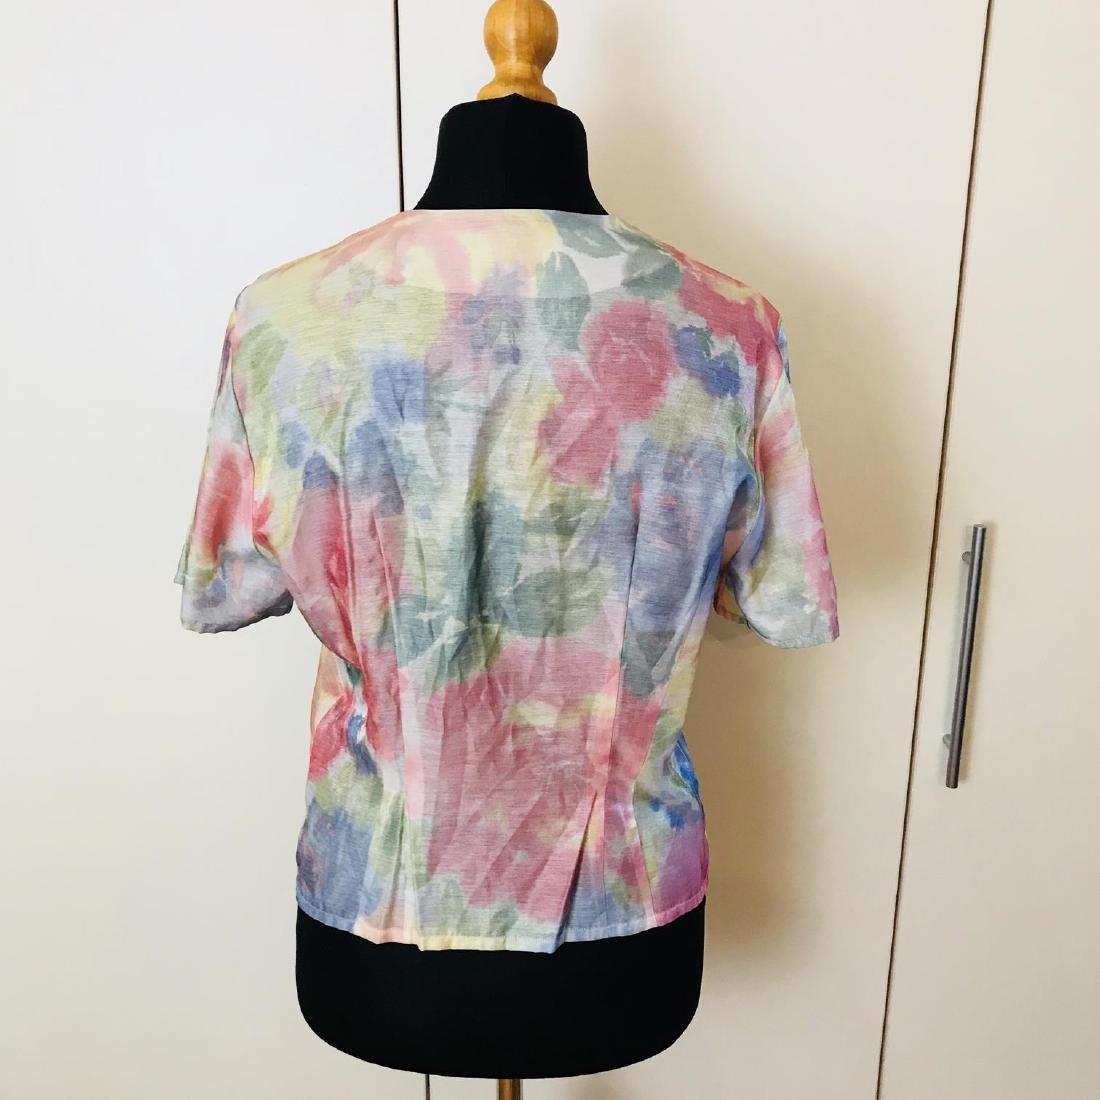 Vintage Women's FINK Blouse Shirt Top Size EUR 40 US 10 - 4